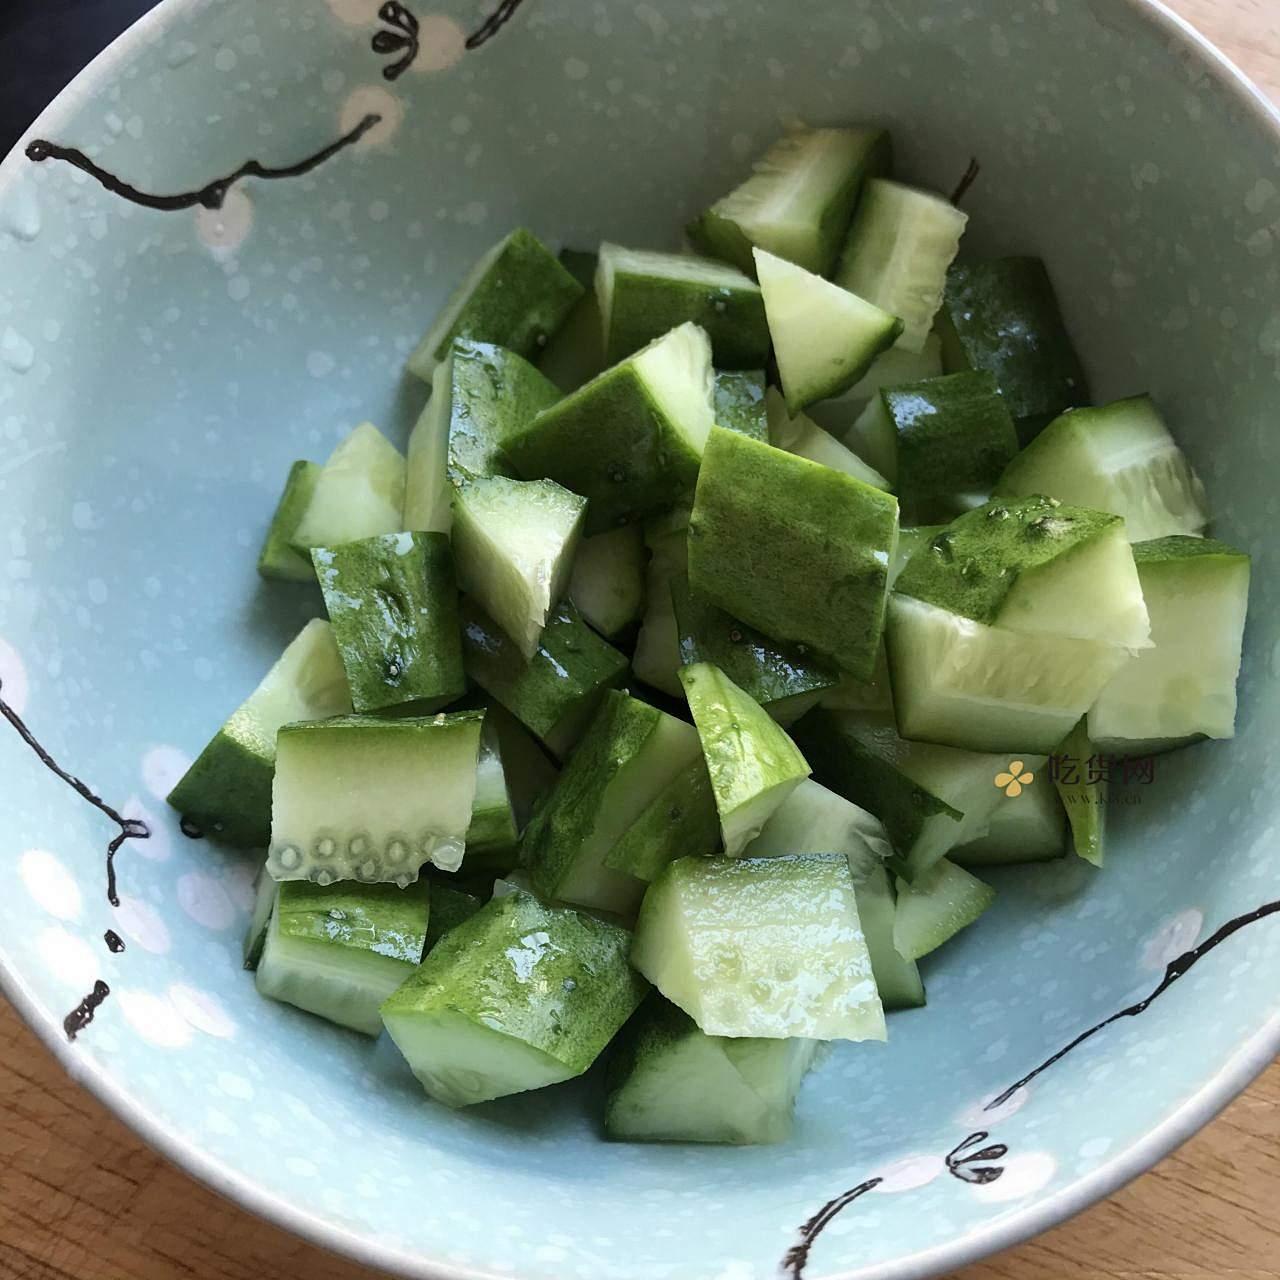 低脂减肥餐『鸡胸肉炒黄瓜』的做法 步骤2